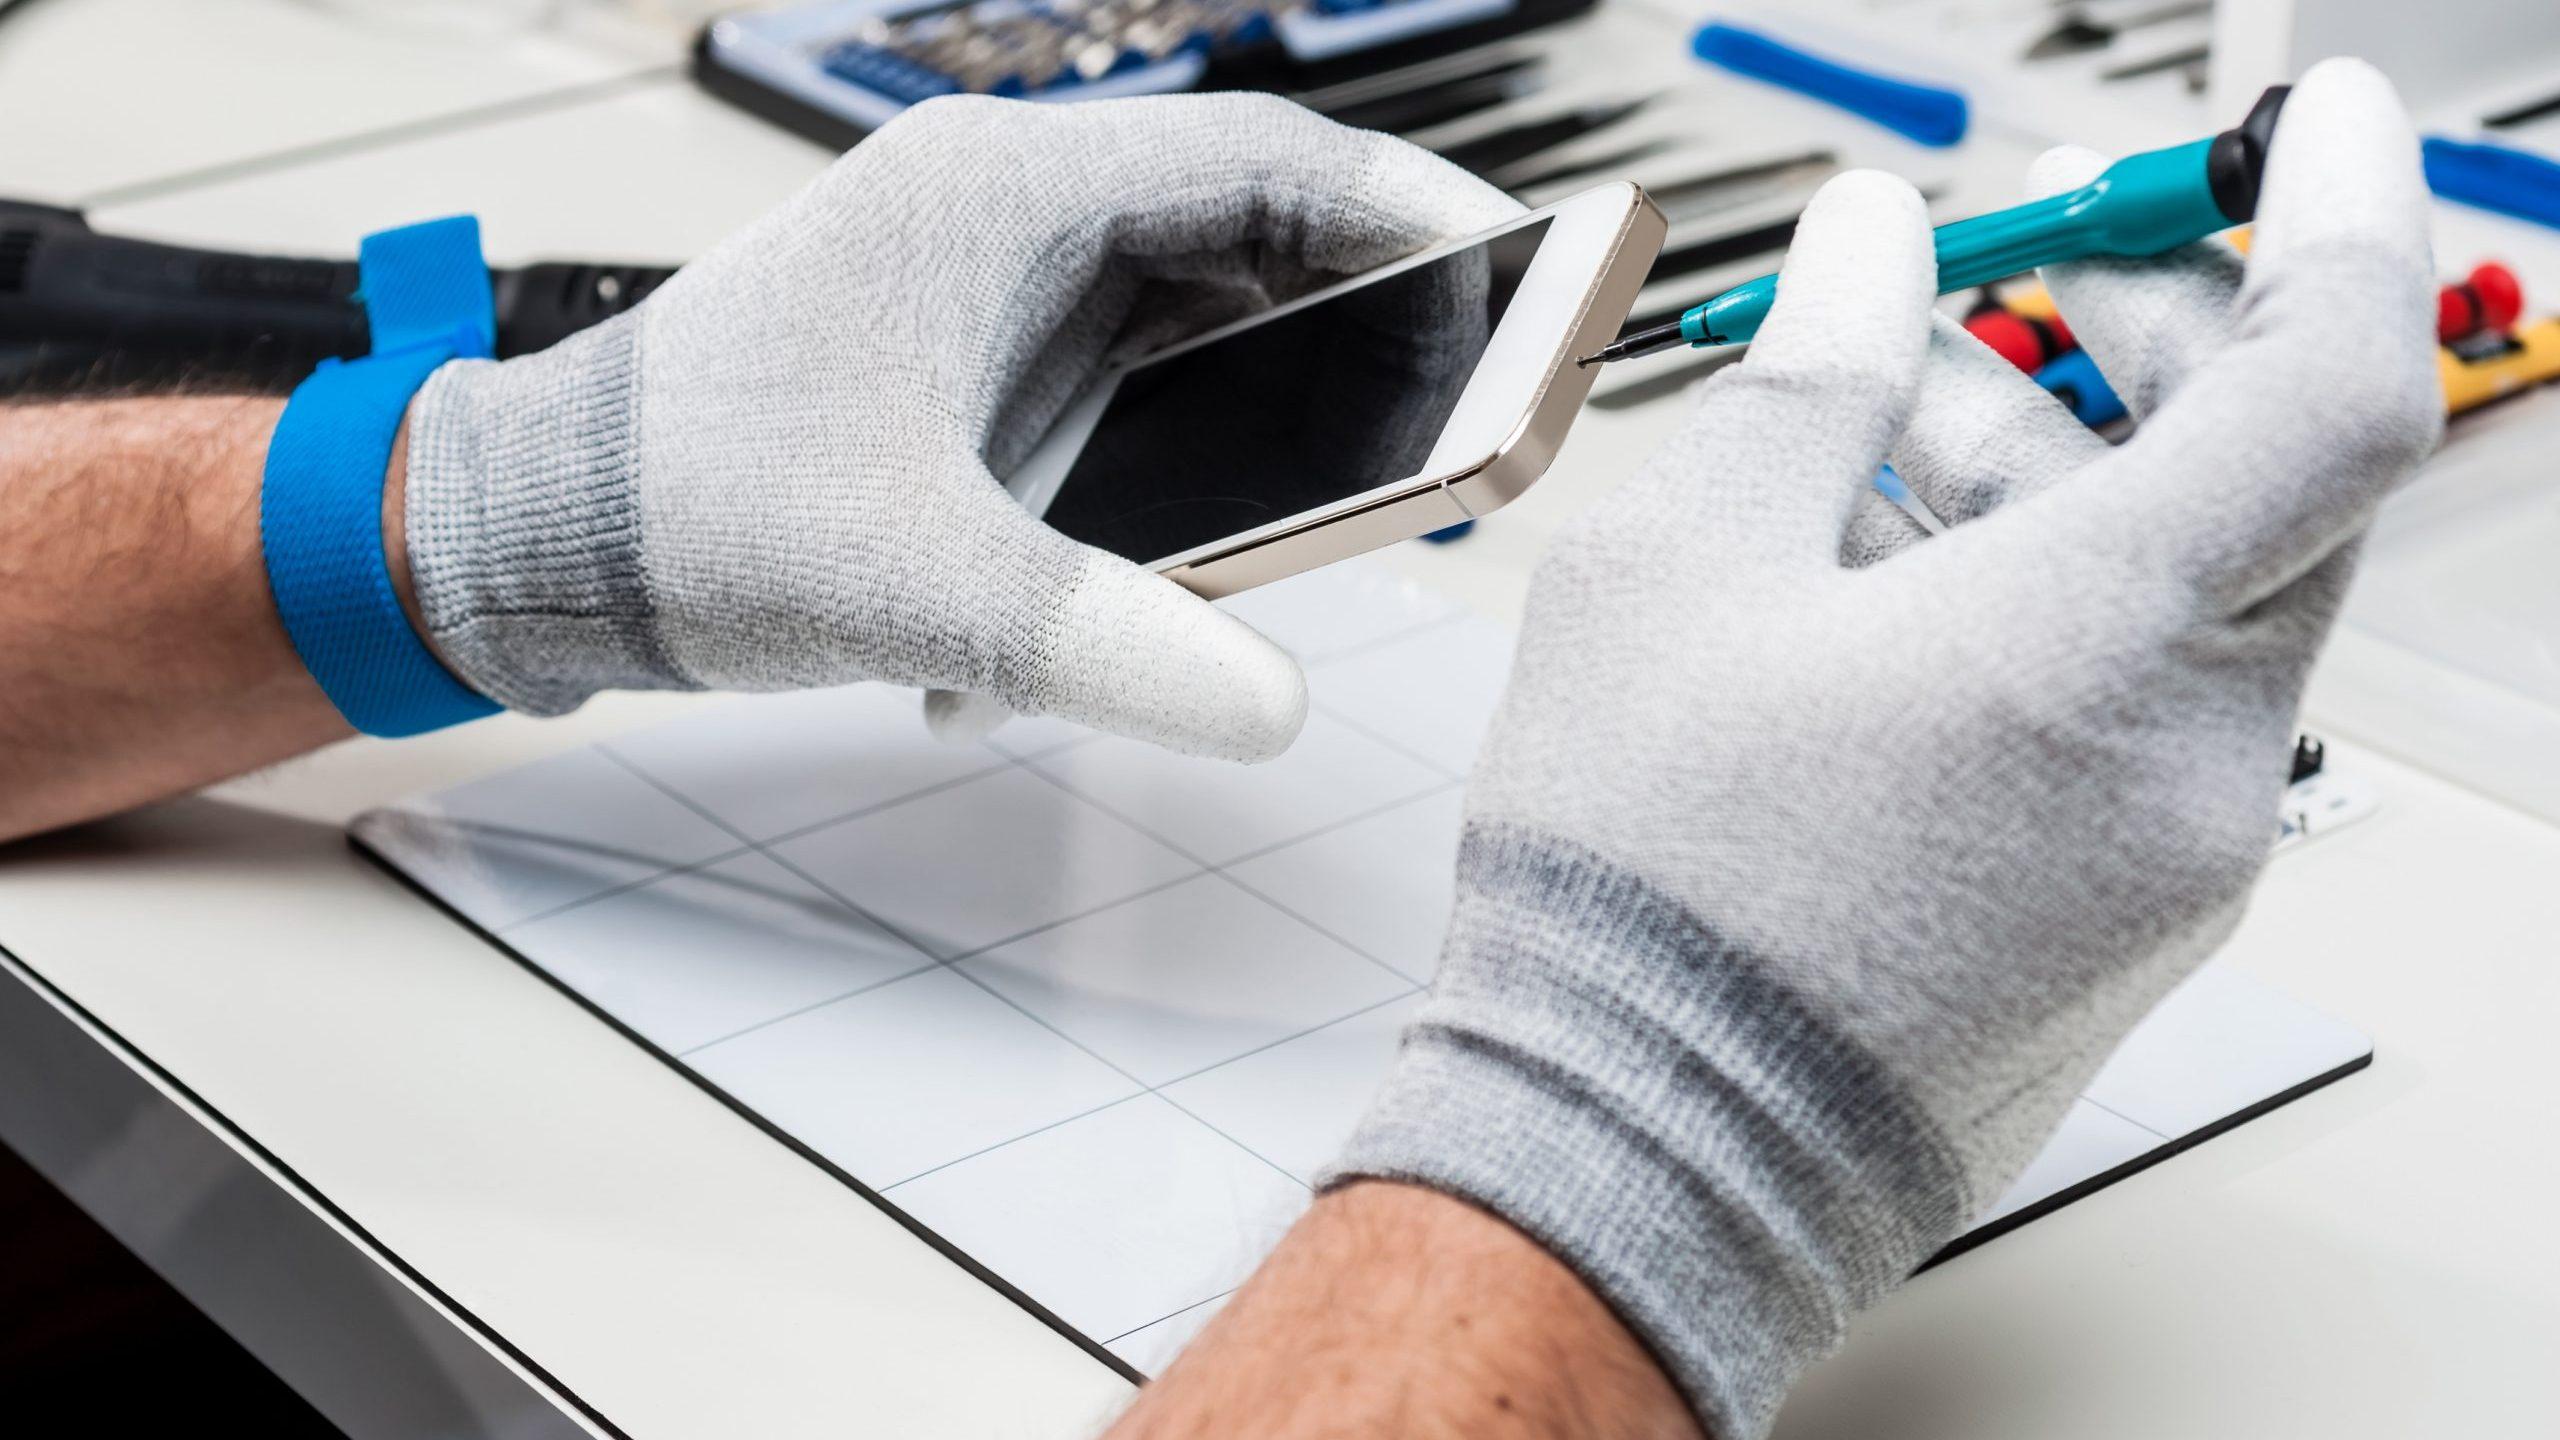 iPhone Repair Costs